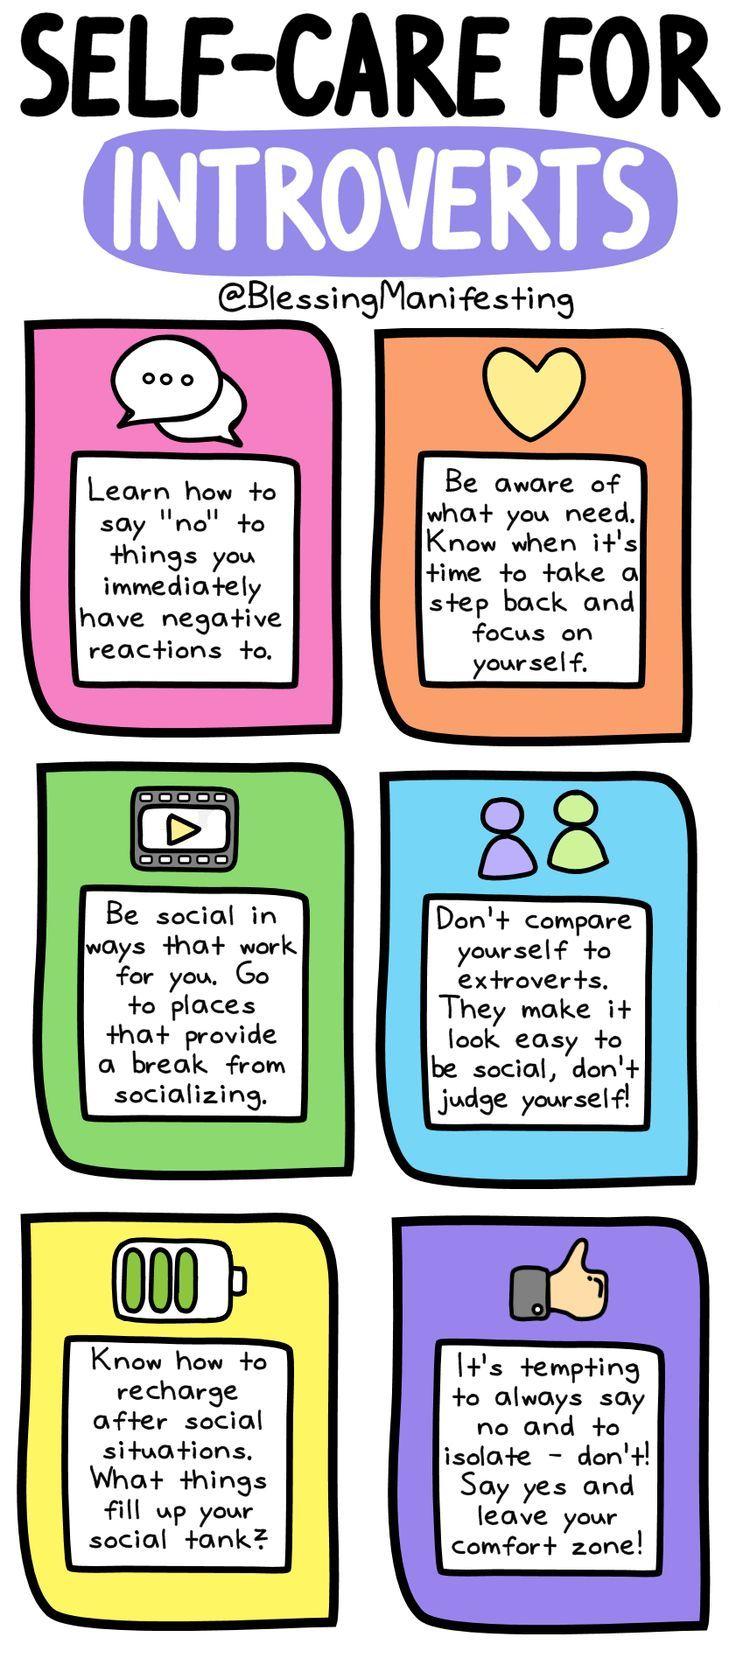 Selbstpflege für Introvertierte: Wie laden Sie auf? – Segen manifestiert sich #introvertiert …   – Personal Development